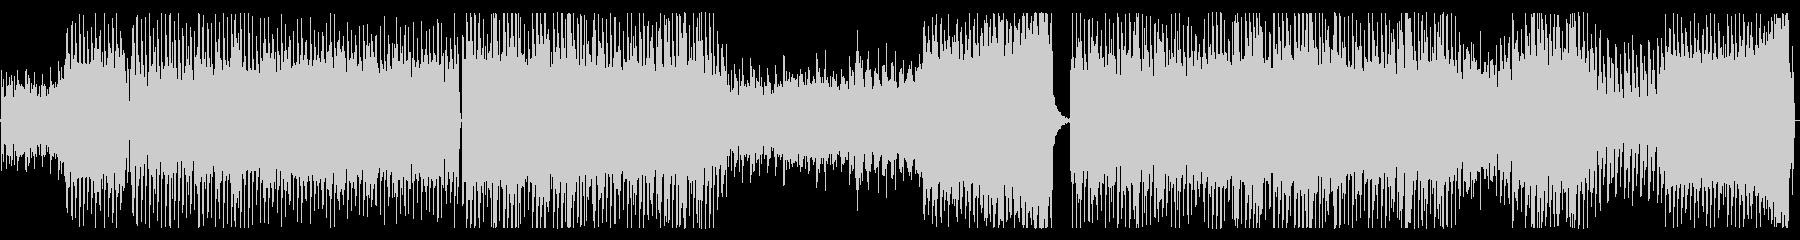 切ないトランス系ピアノEDMの未再生の波形